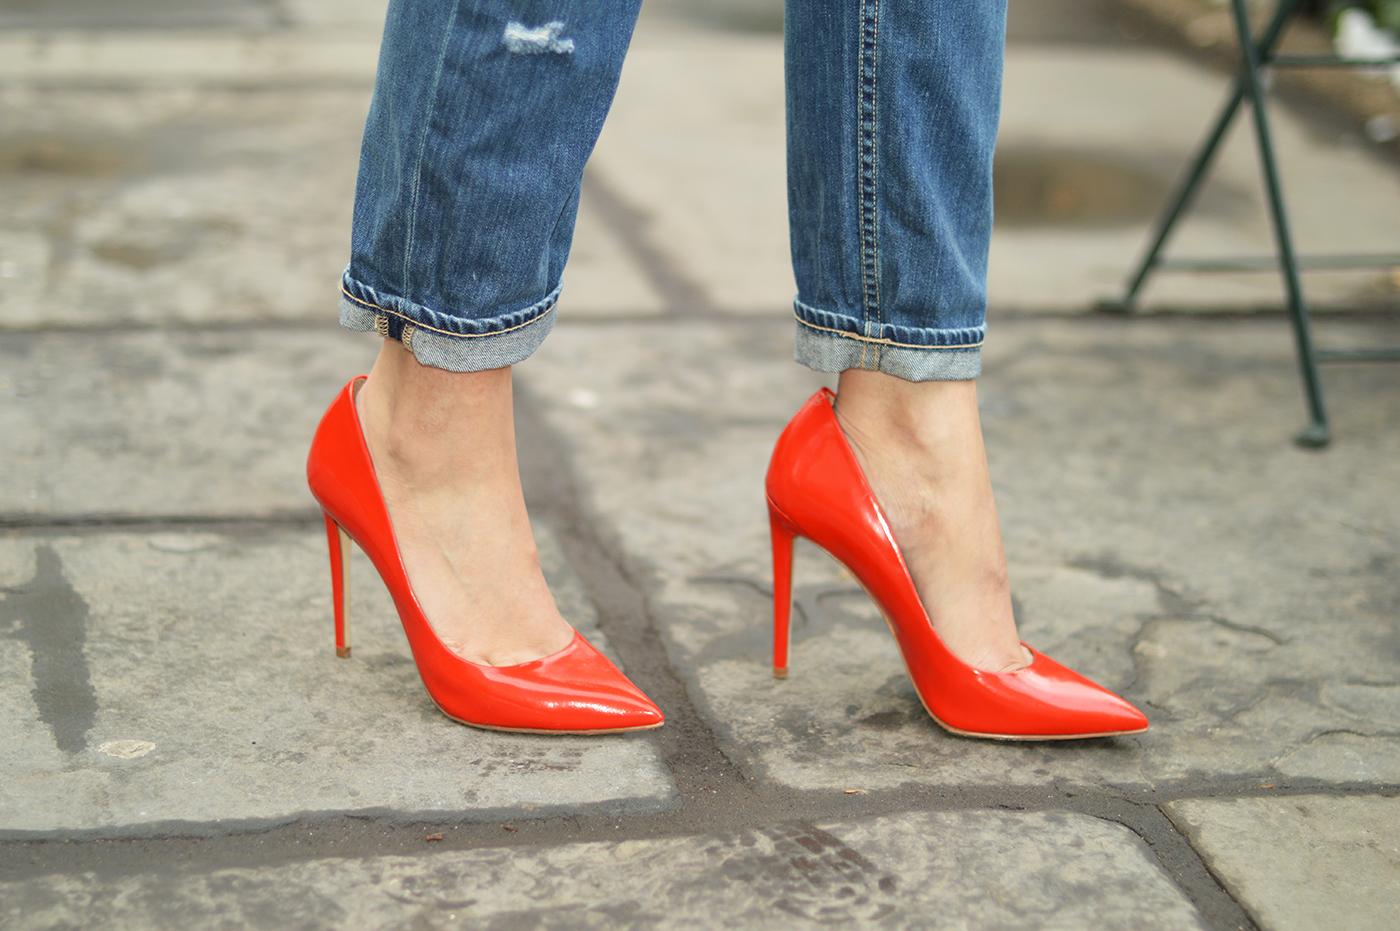 Abbinare le scarpe con tacco ai jeans